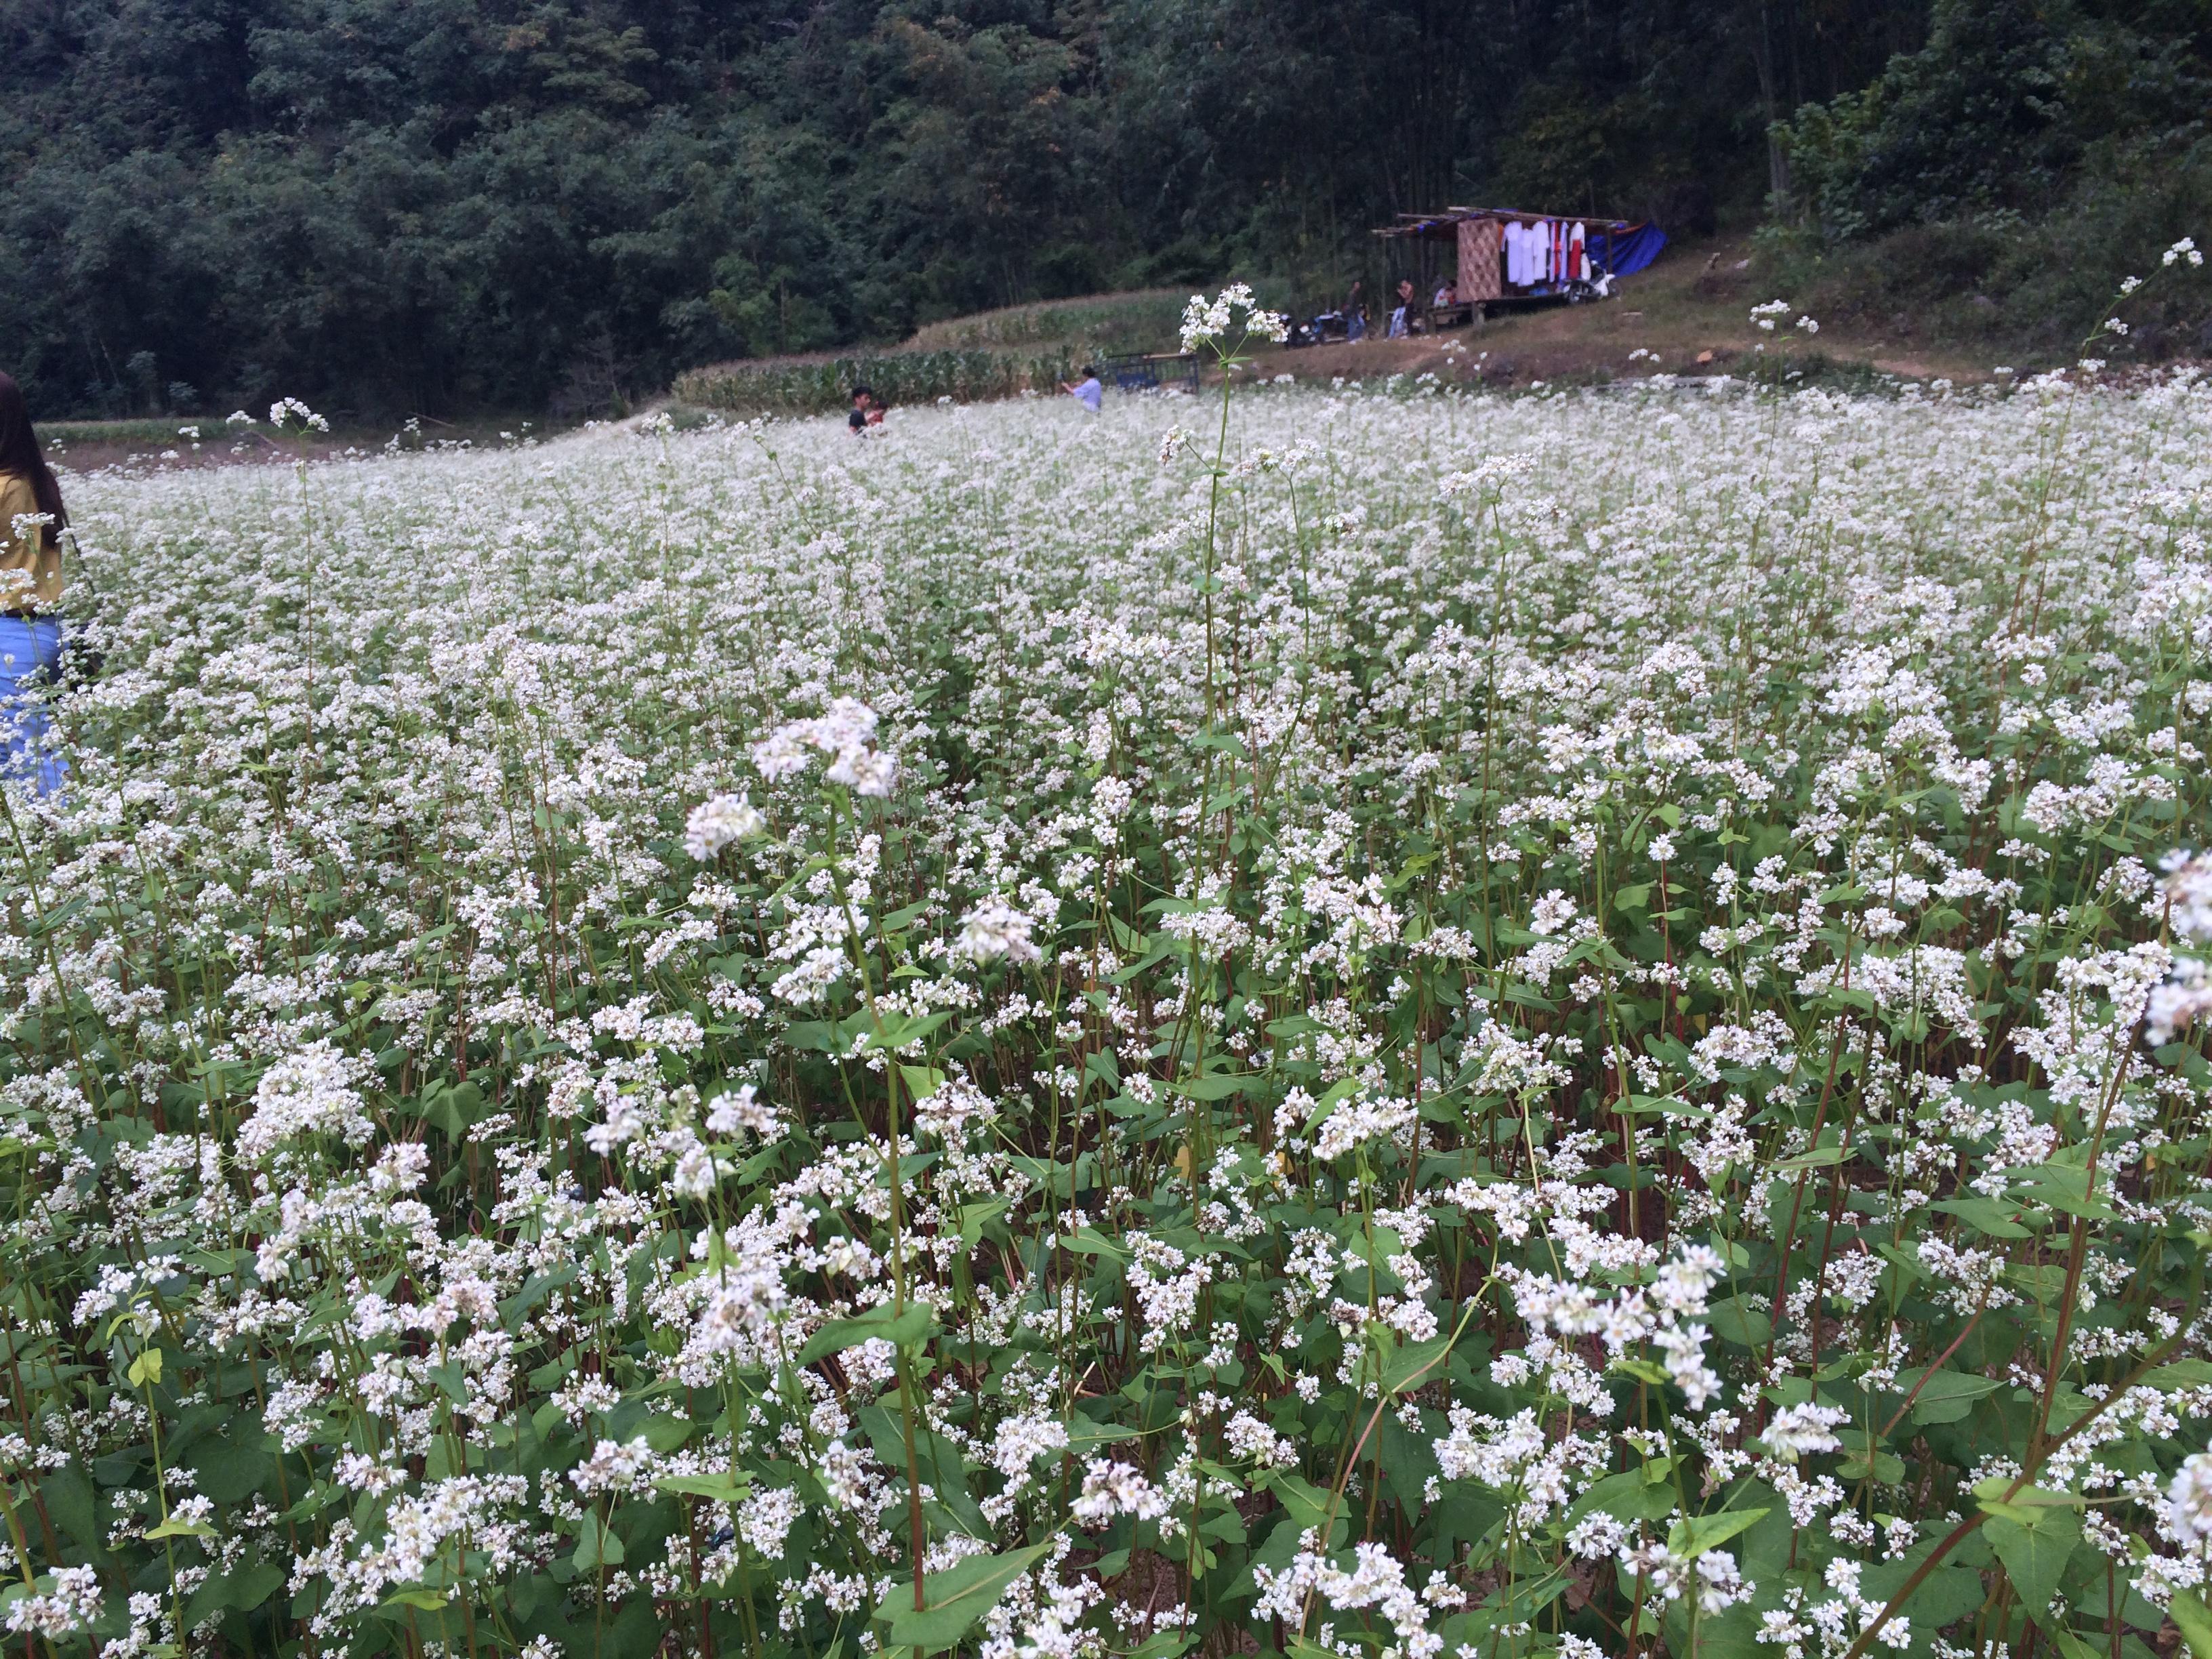 Chiêm ngưỡng hoa tam giác mạch trắng ở Lạng Sơn 5